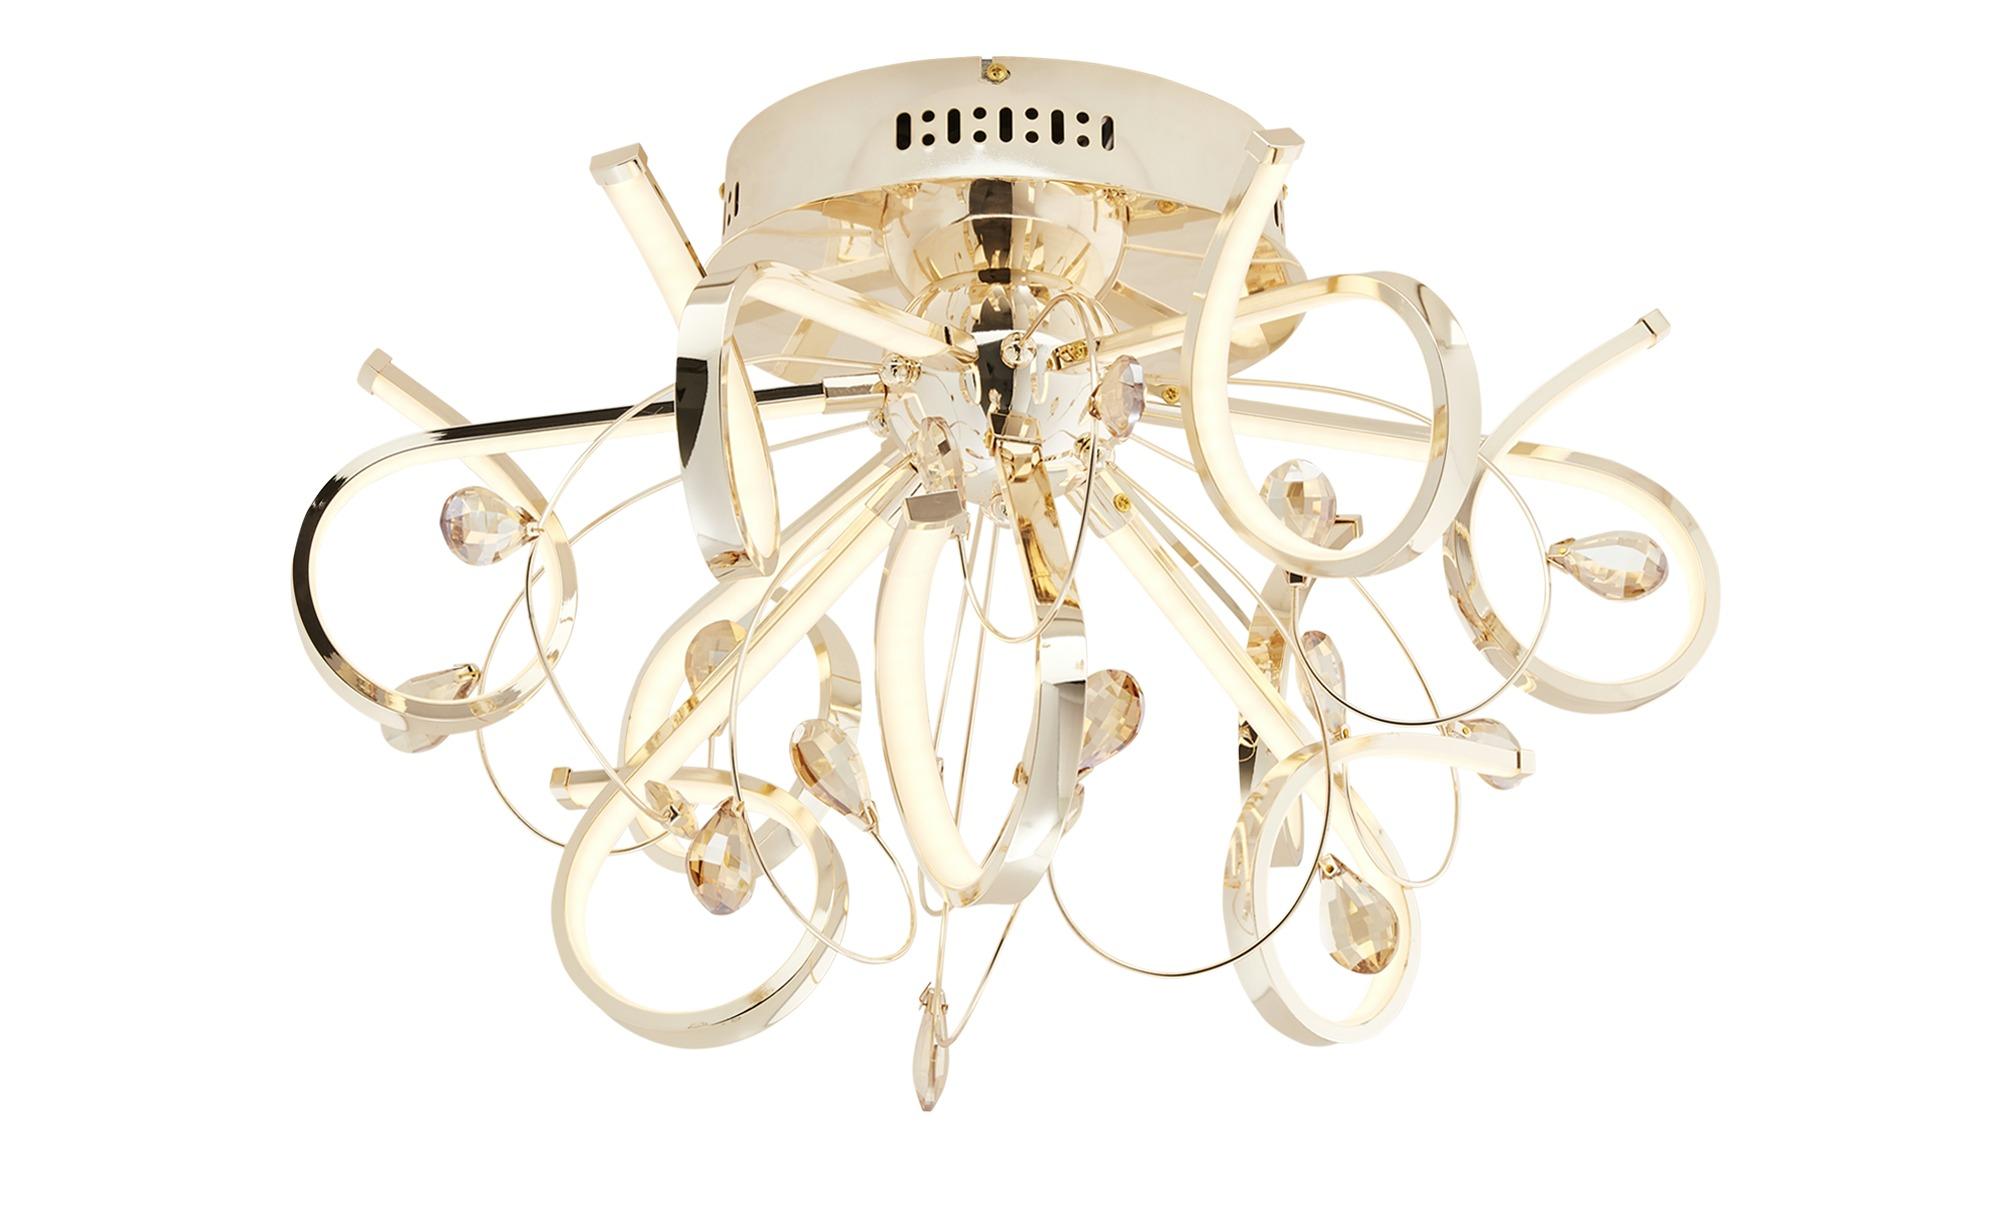 KHG LED-Deckenleuchte, goldfarben mit Dekosteinen ¦ gold ¦ Maße (cm): H: 35 Ø: [57.0] Lampen & Leuchten > Innenleuchten > Deckenleuchten - Höffner